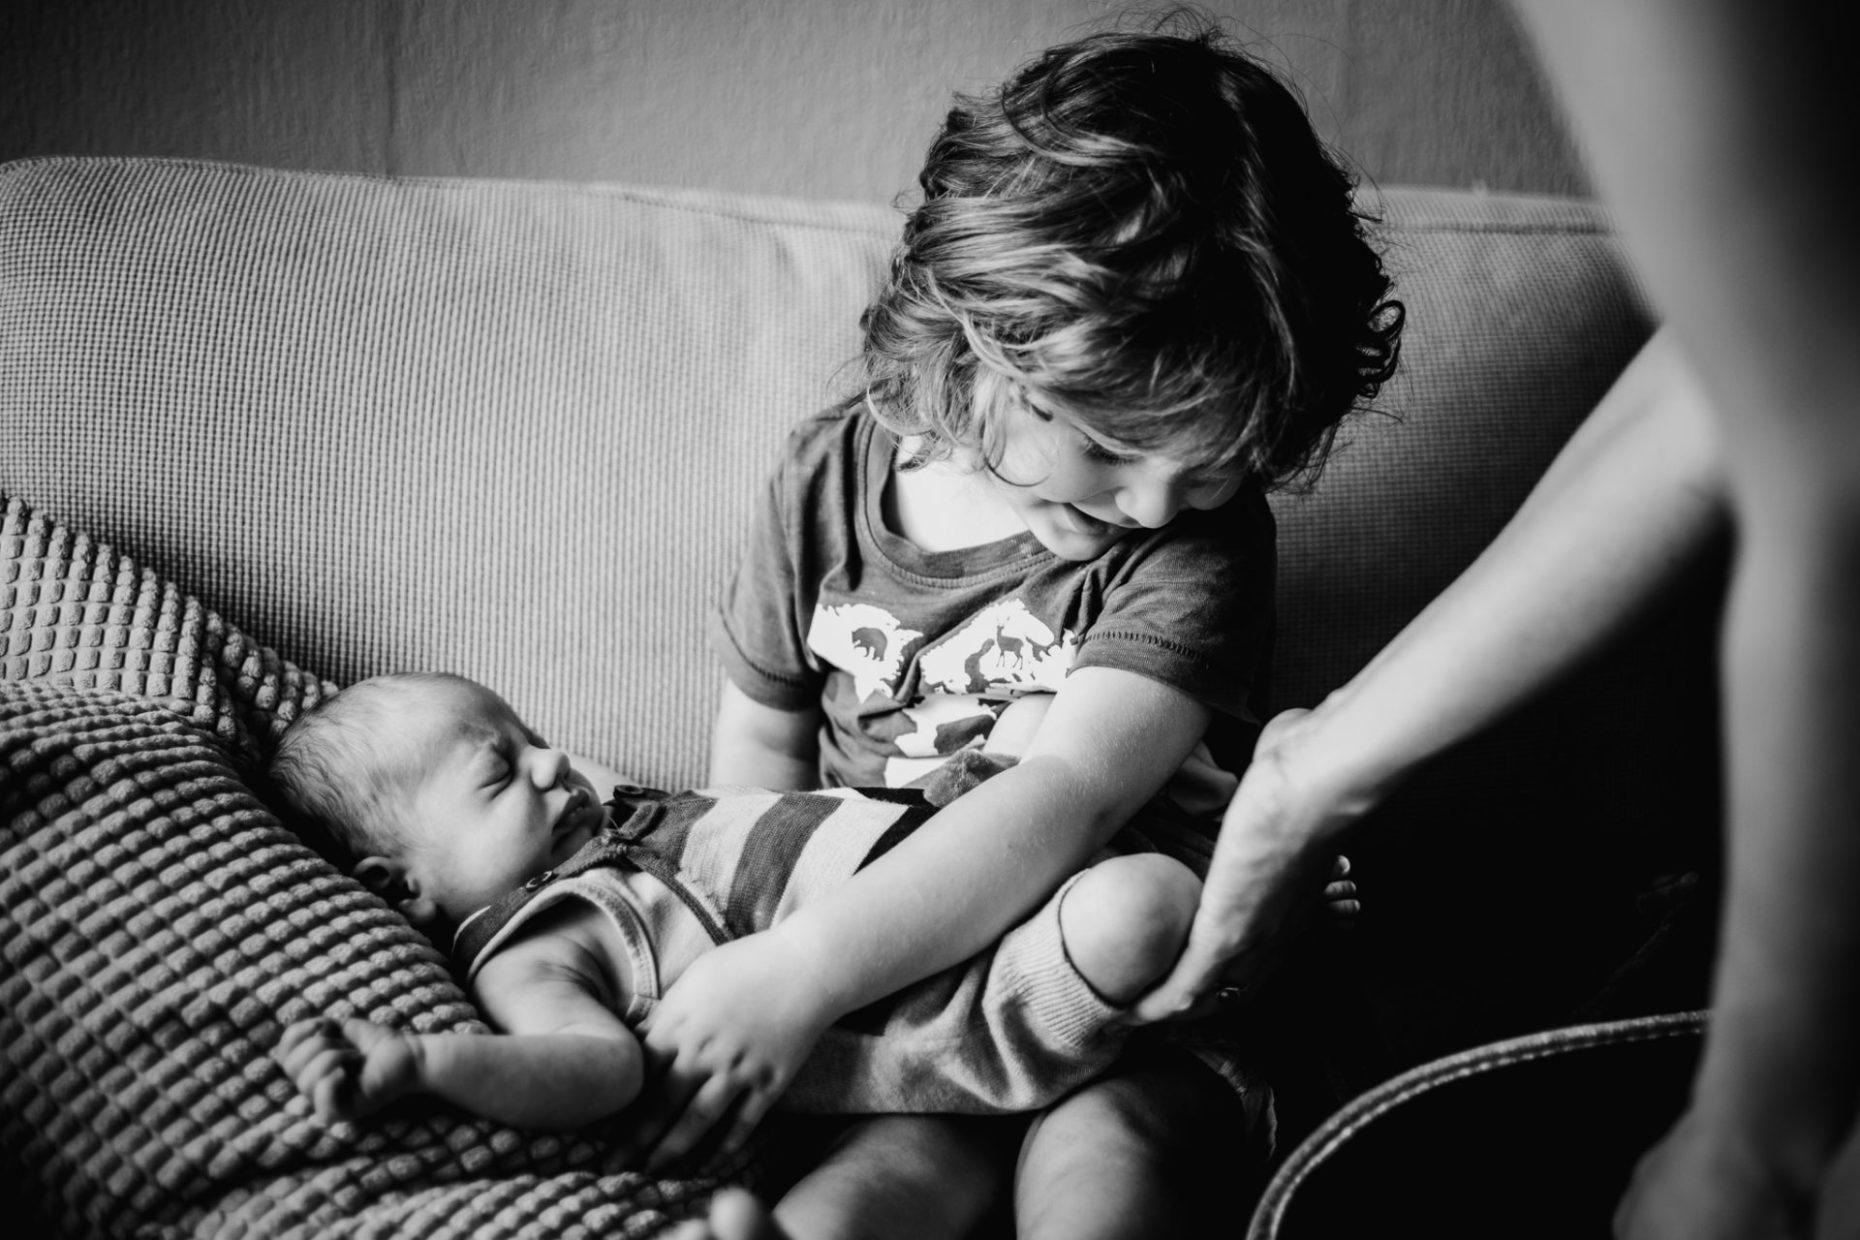 EN: Little child holding his newborn brother for the first time. Moms hand is there helping him. NL: Klein kind dat voor het eerst zijn pasgeboren broertje vasthoudt. Mama helpt hem daarbij. Baby fotografie.